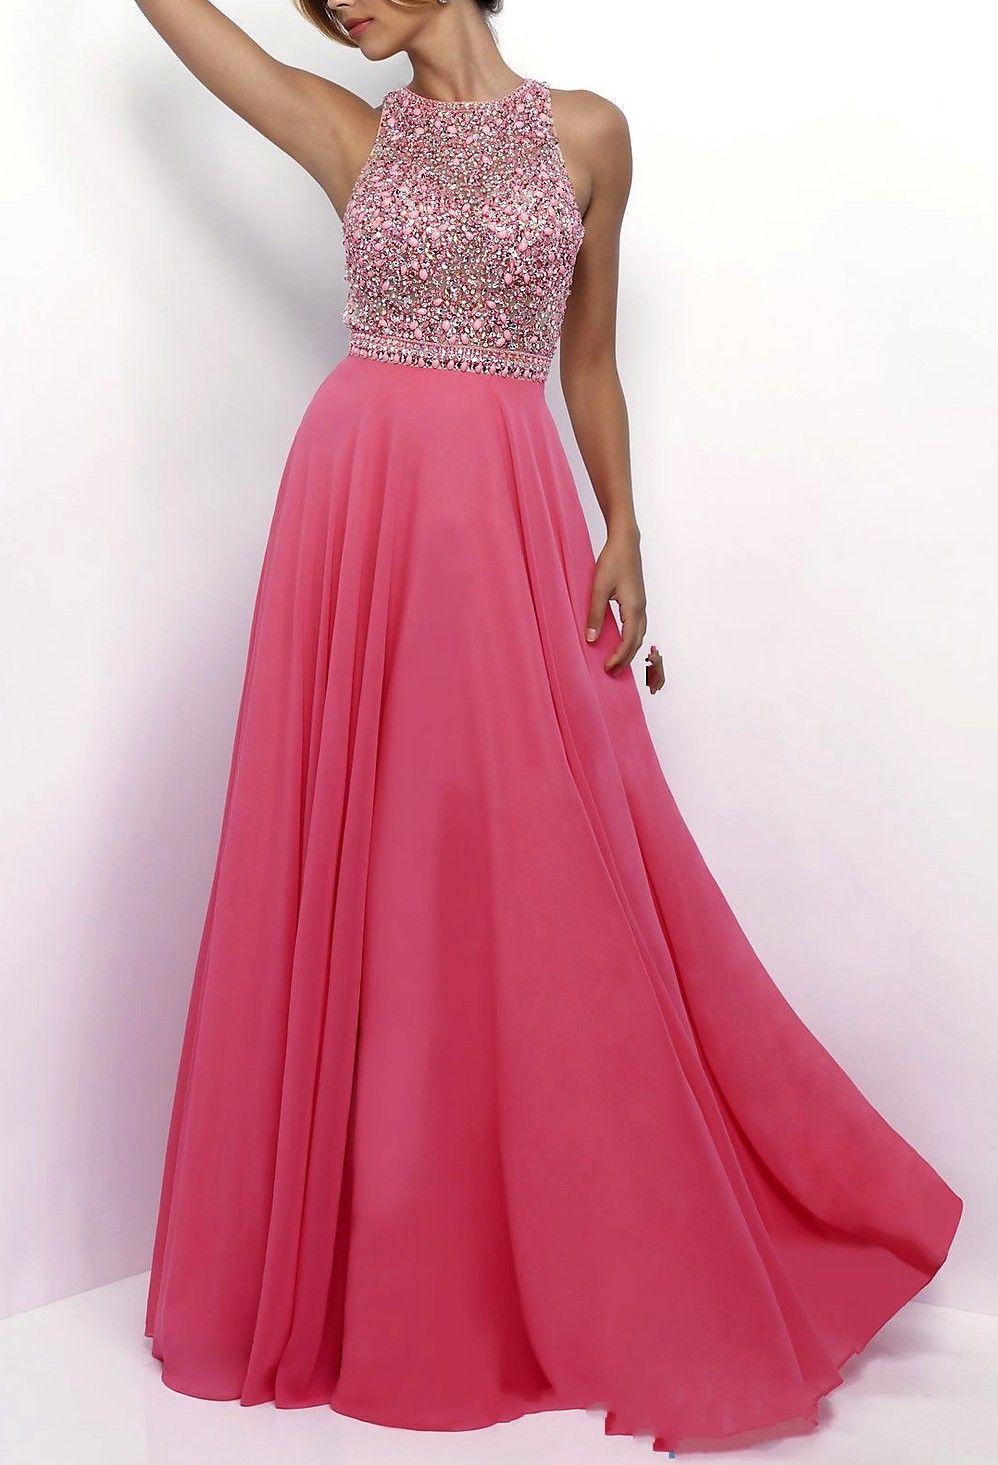 Alle Kleider abitur kleider : Hohe Qualität Eine Linie Rosa Chiffon Open Back Perlen Top Prom ...